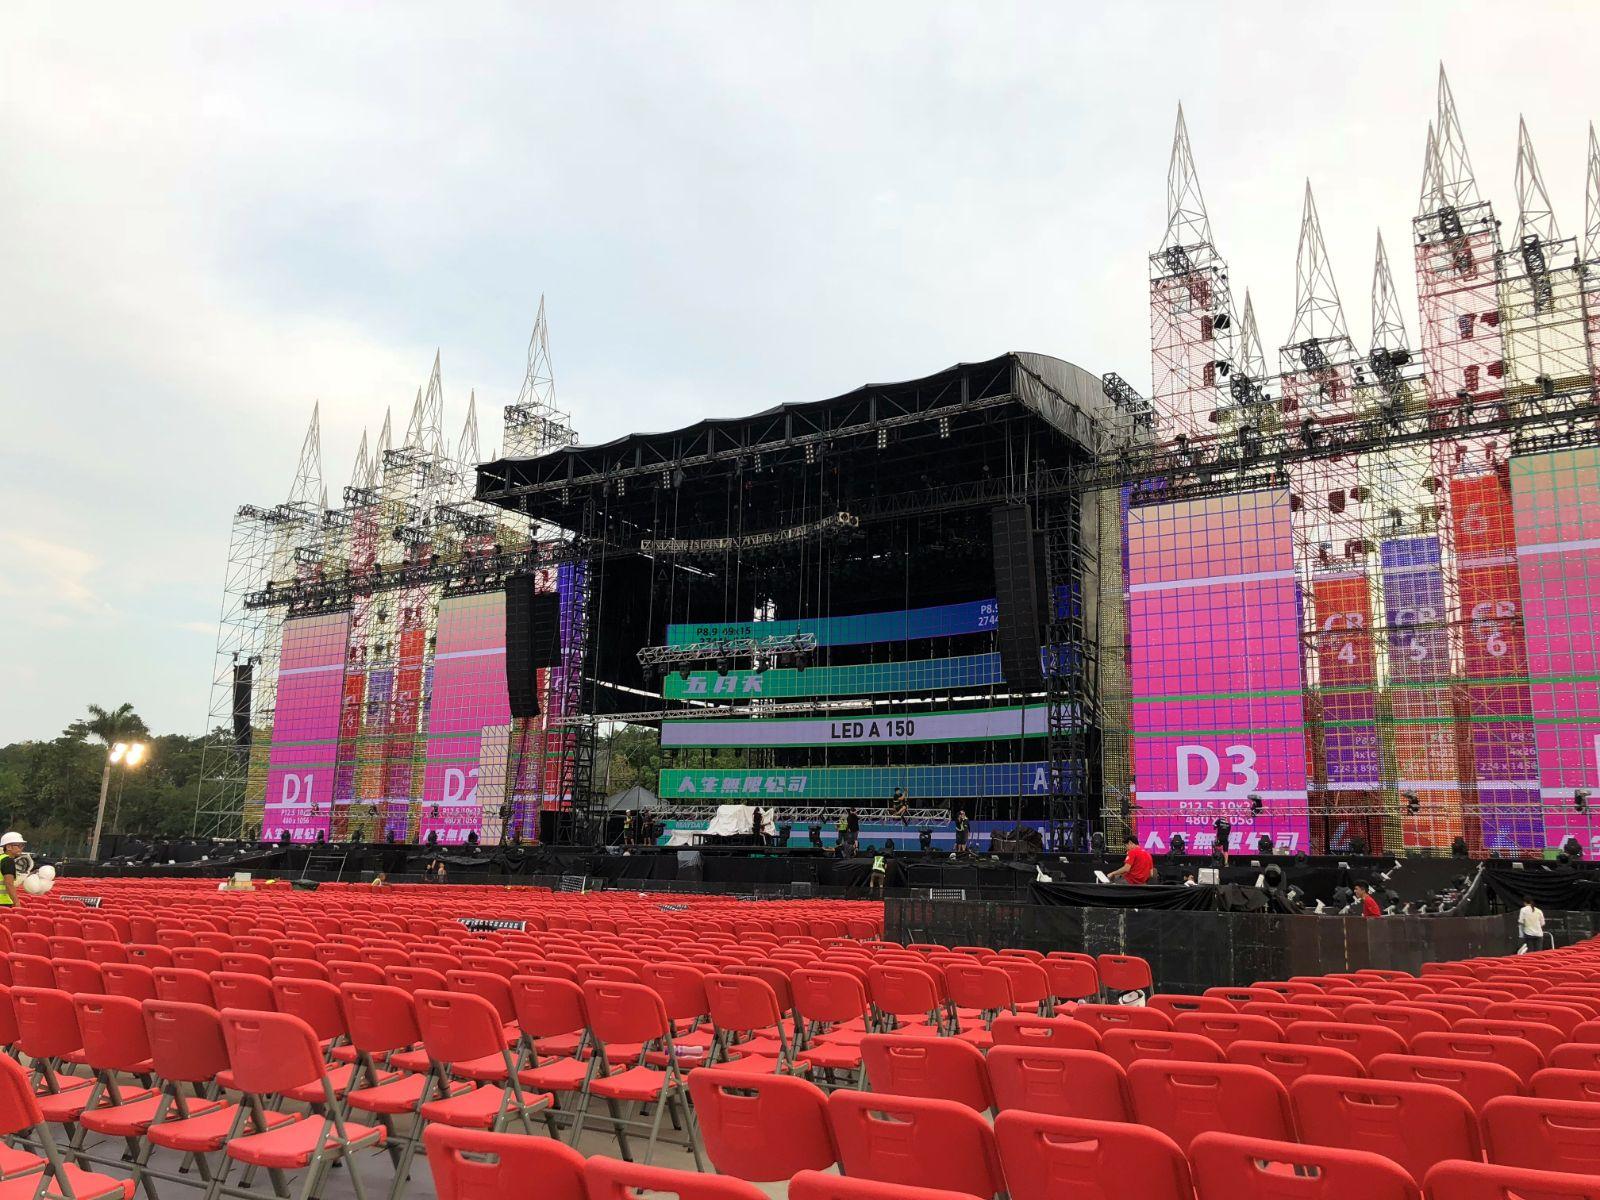 每場足以容納約20000名樂迷一同欣賞。